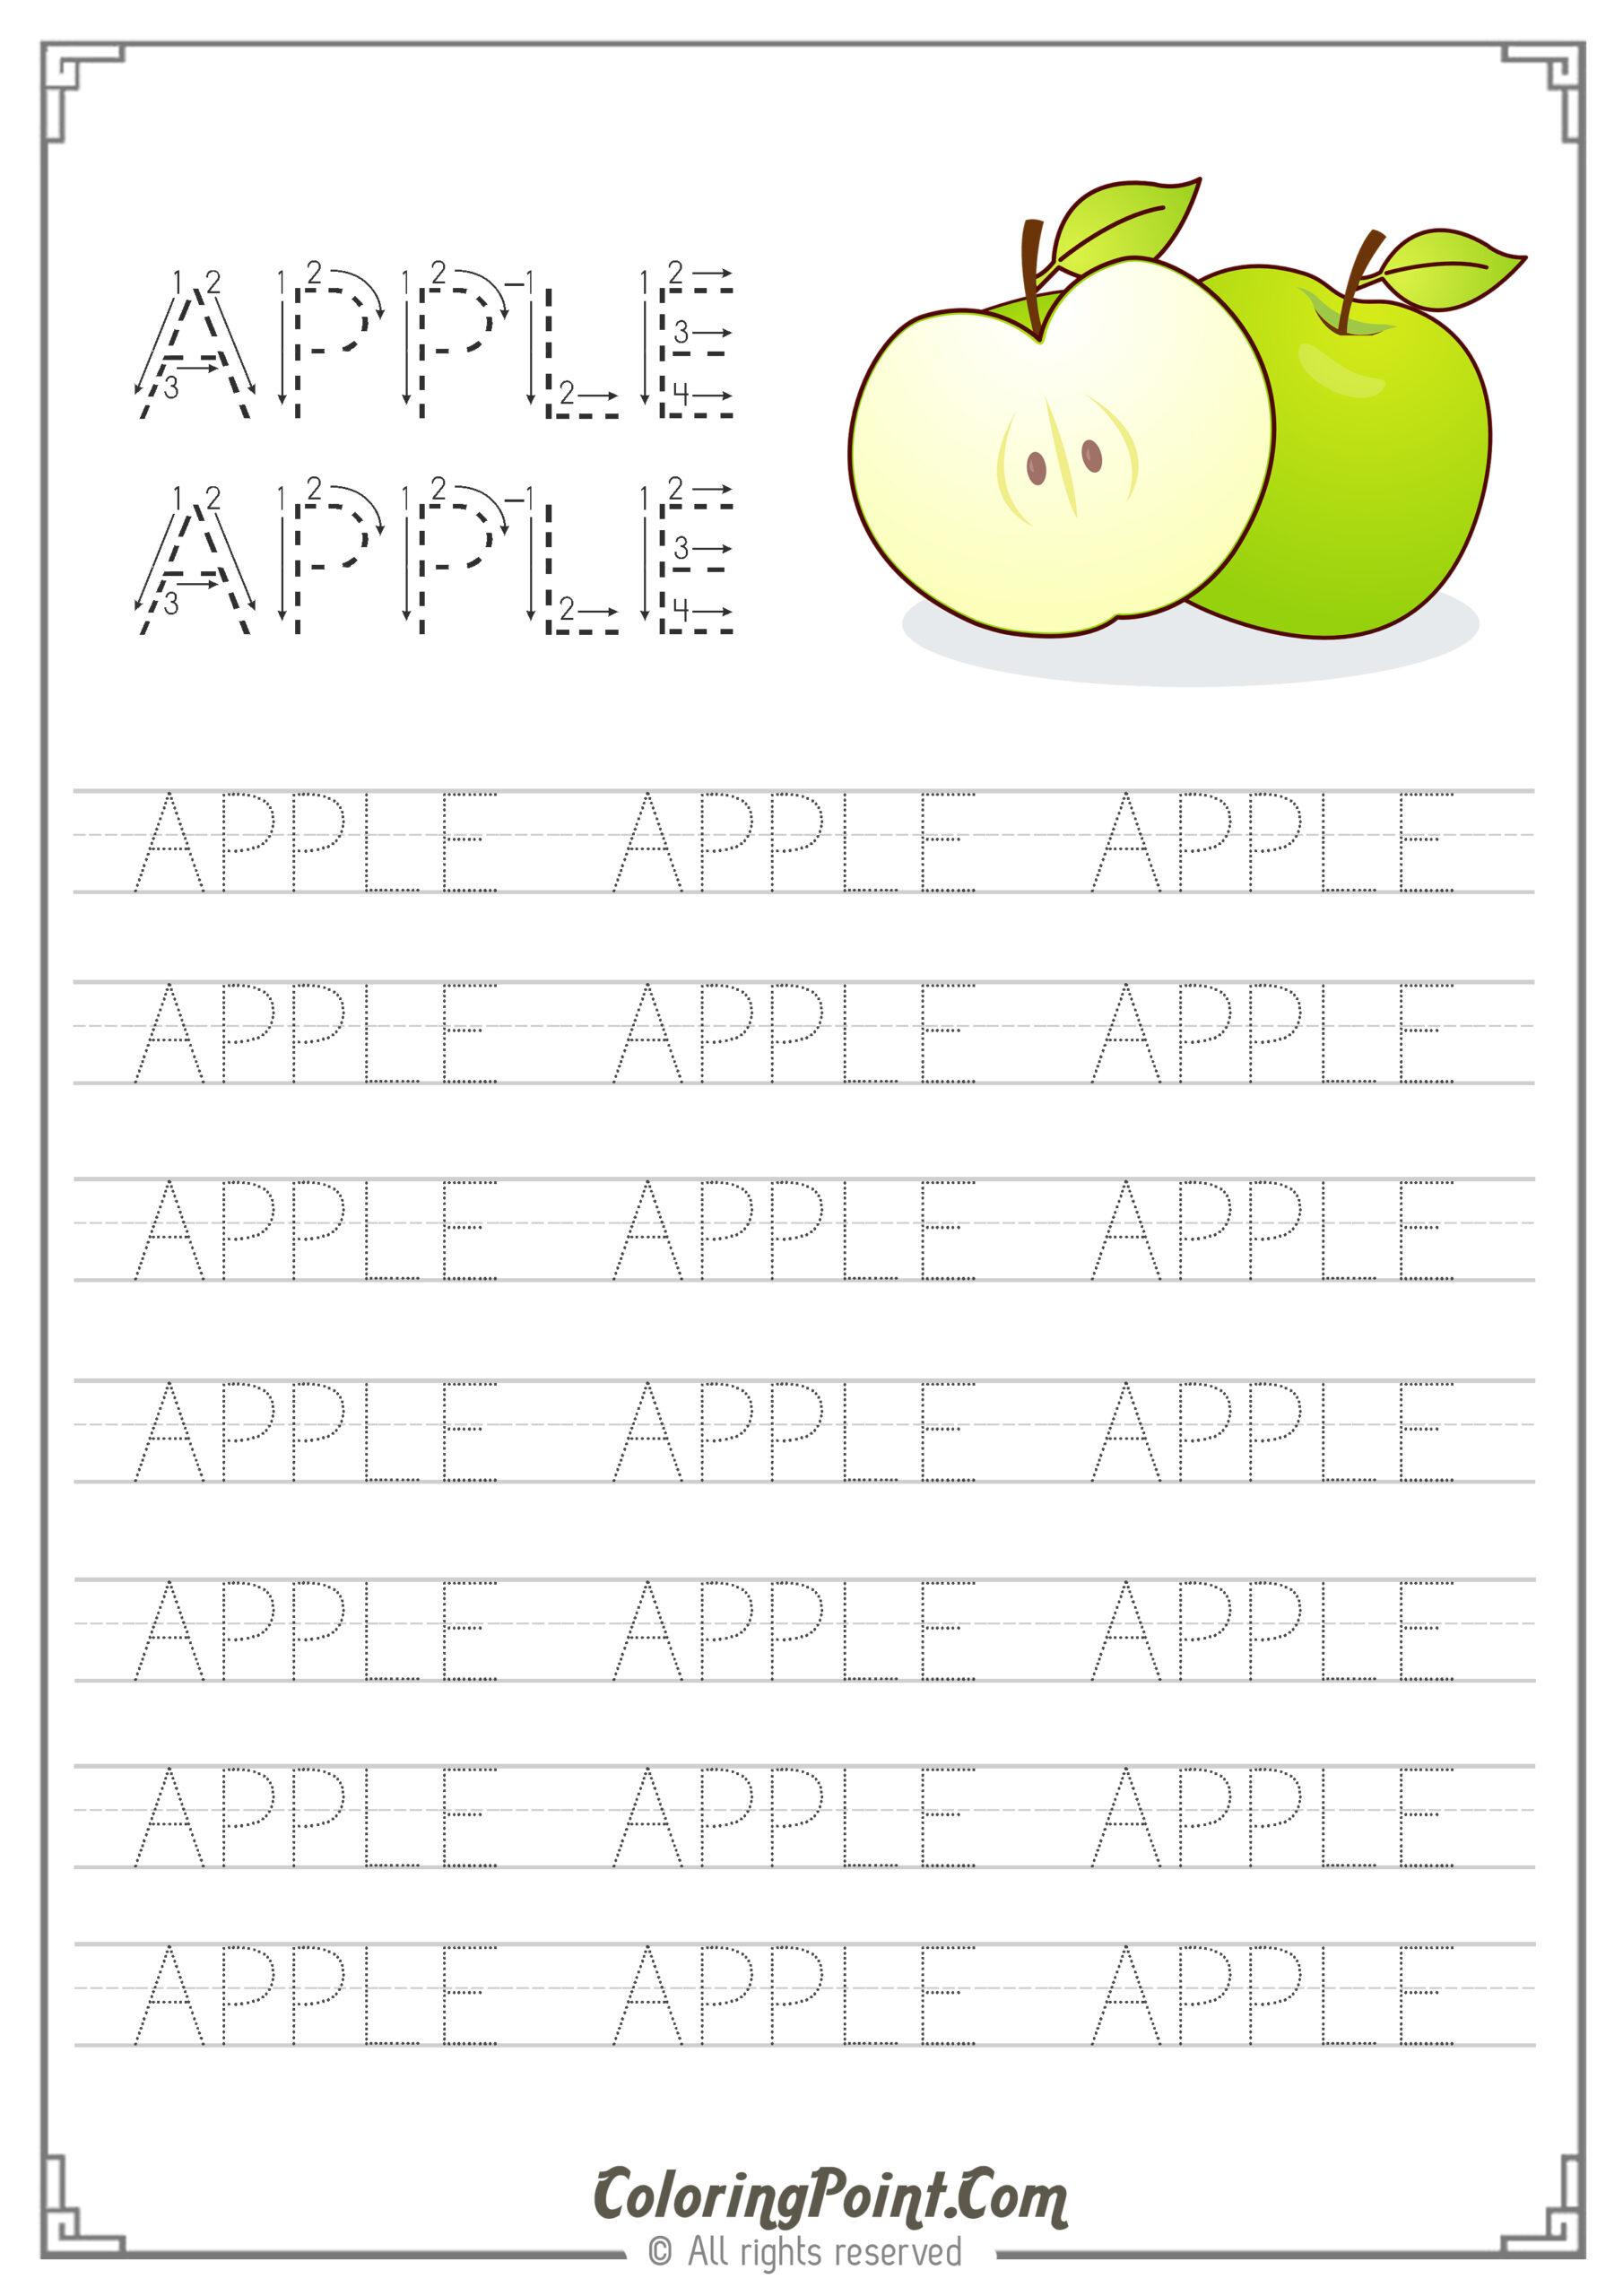 Worksheets : Apple Word Tracing Worksheet Worksheets Name throughout Name Tracing Worksheets For Kindergarten